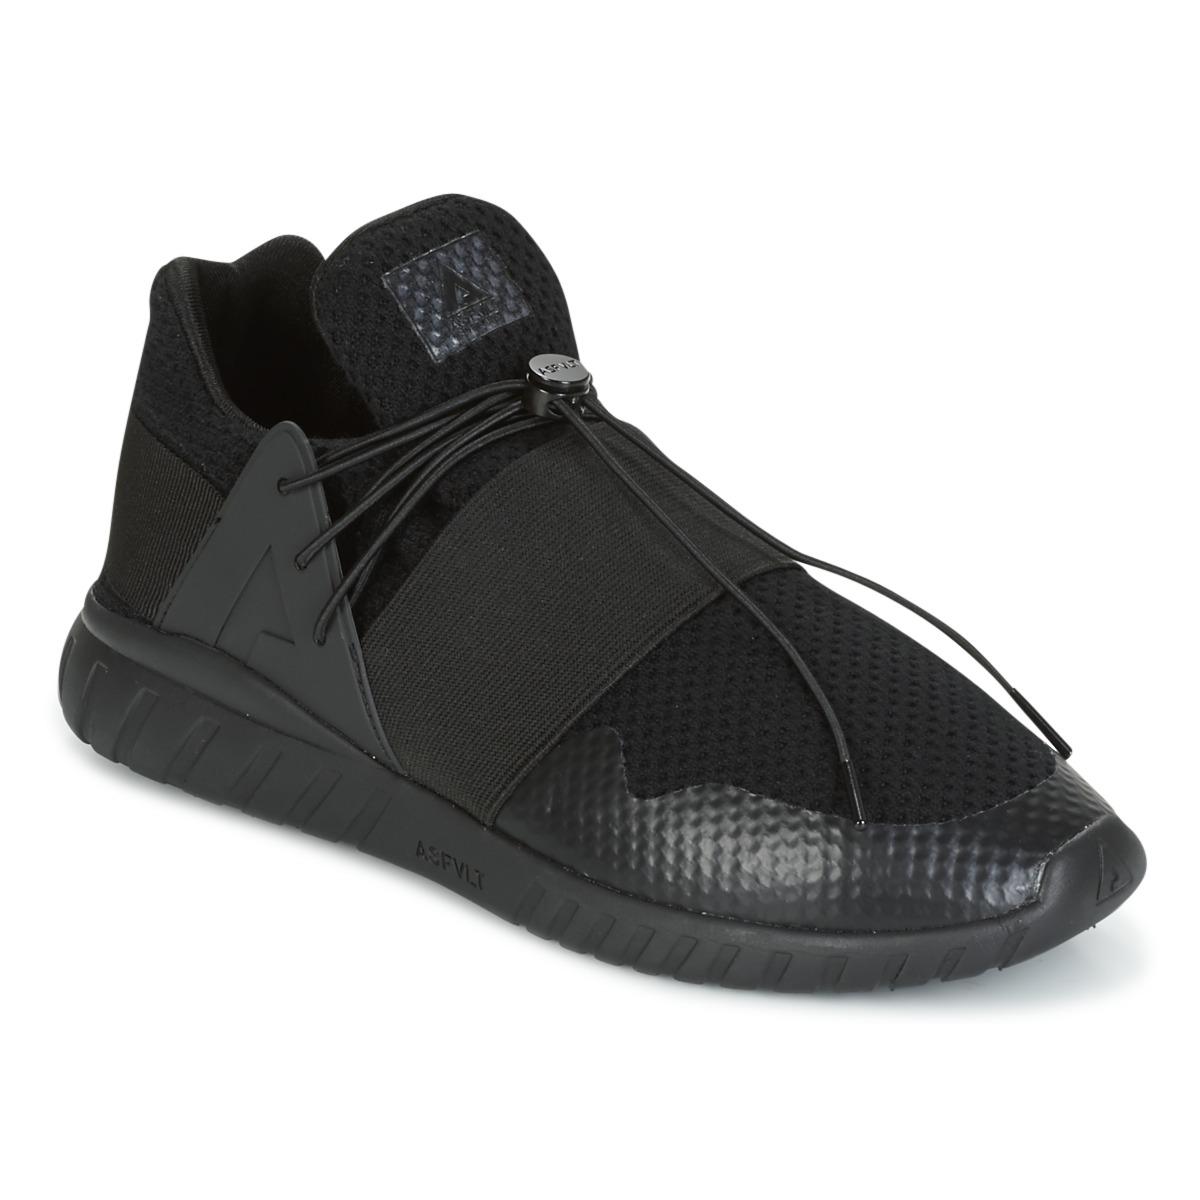 Asfvlt EVOLUTION MID Schwarz - Kostenloser Versand bei Spartoode ! - Schuhe Sneaker Low Herren 69,50 €